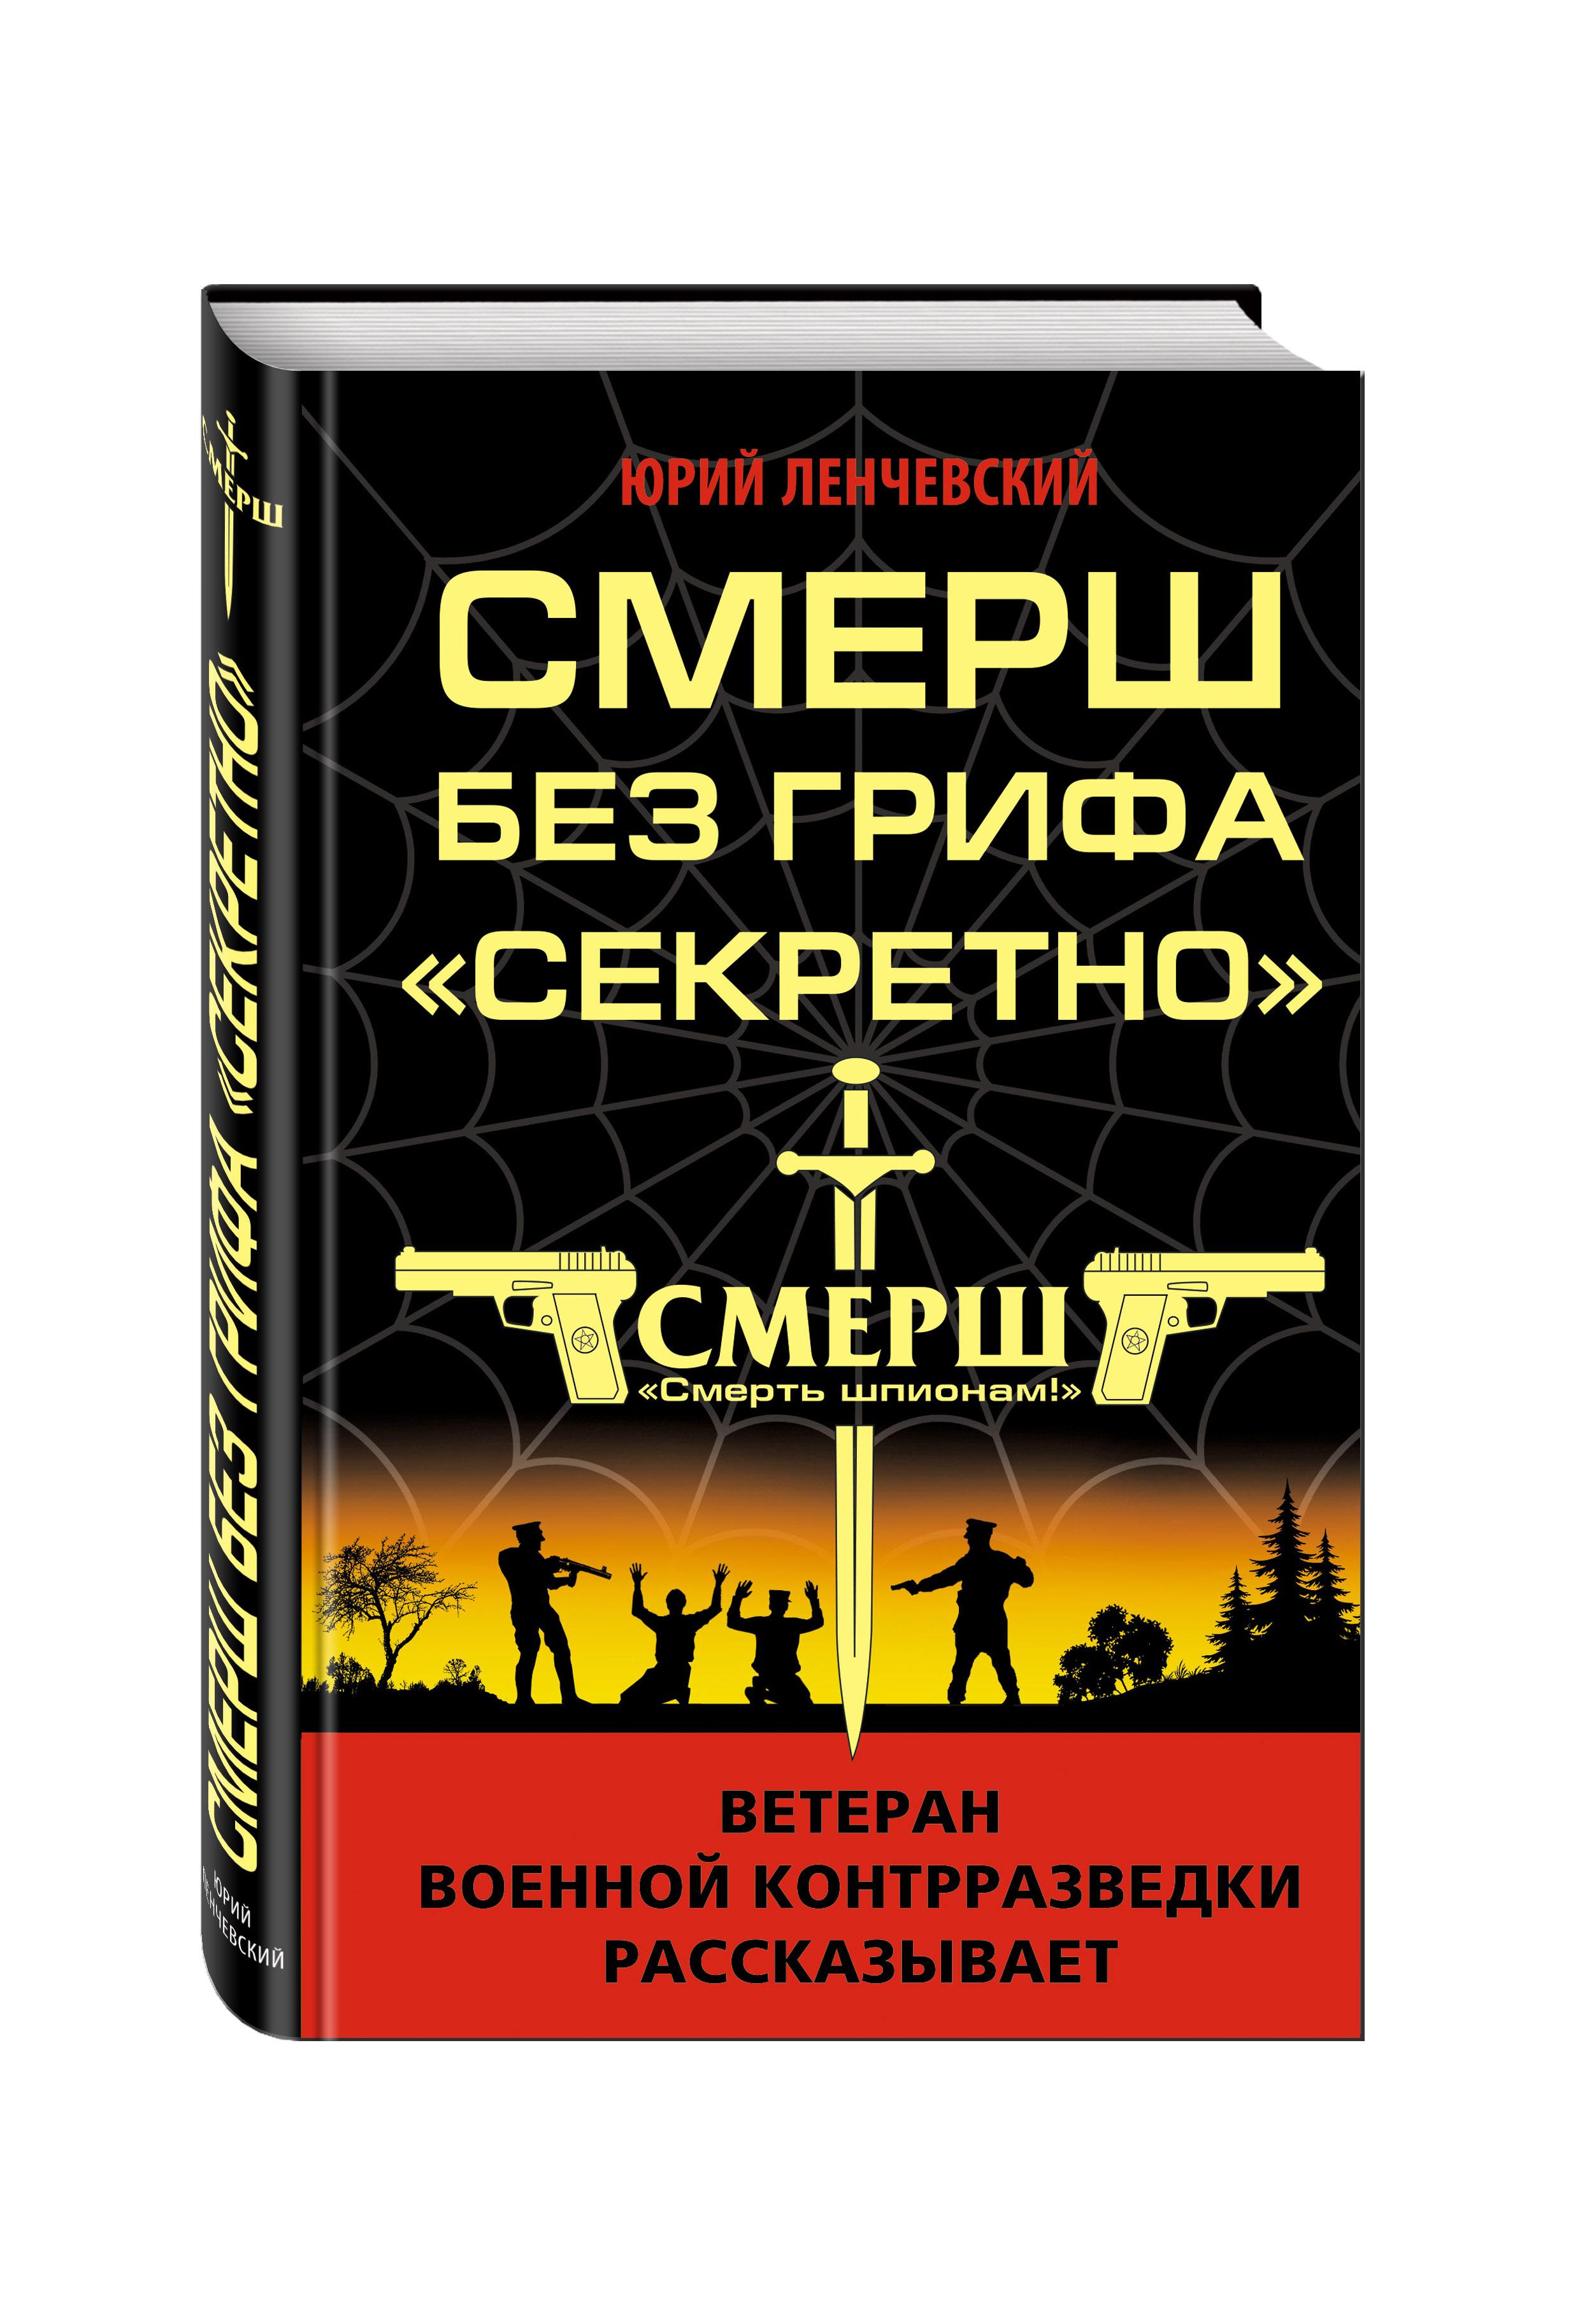 Ленчевский Ю. СМЕРШ без грифа «Секретно» ISBN: 978-5-699-87642-6